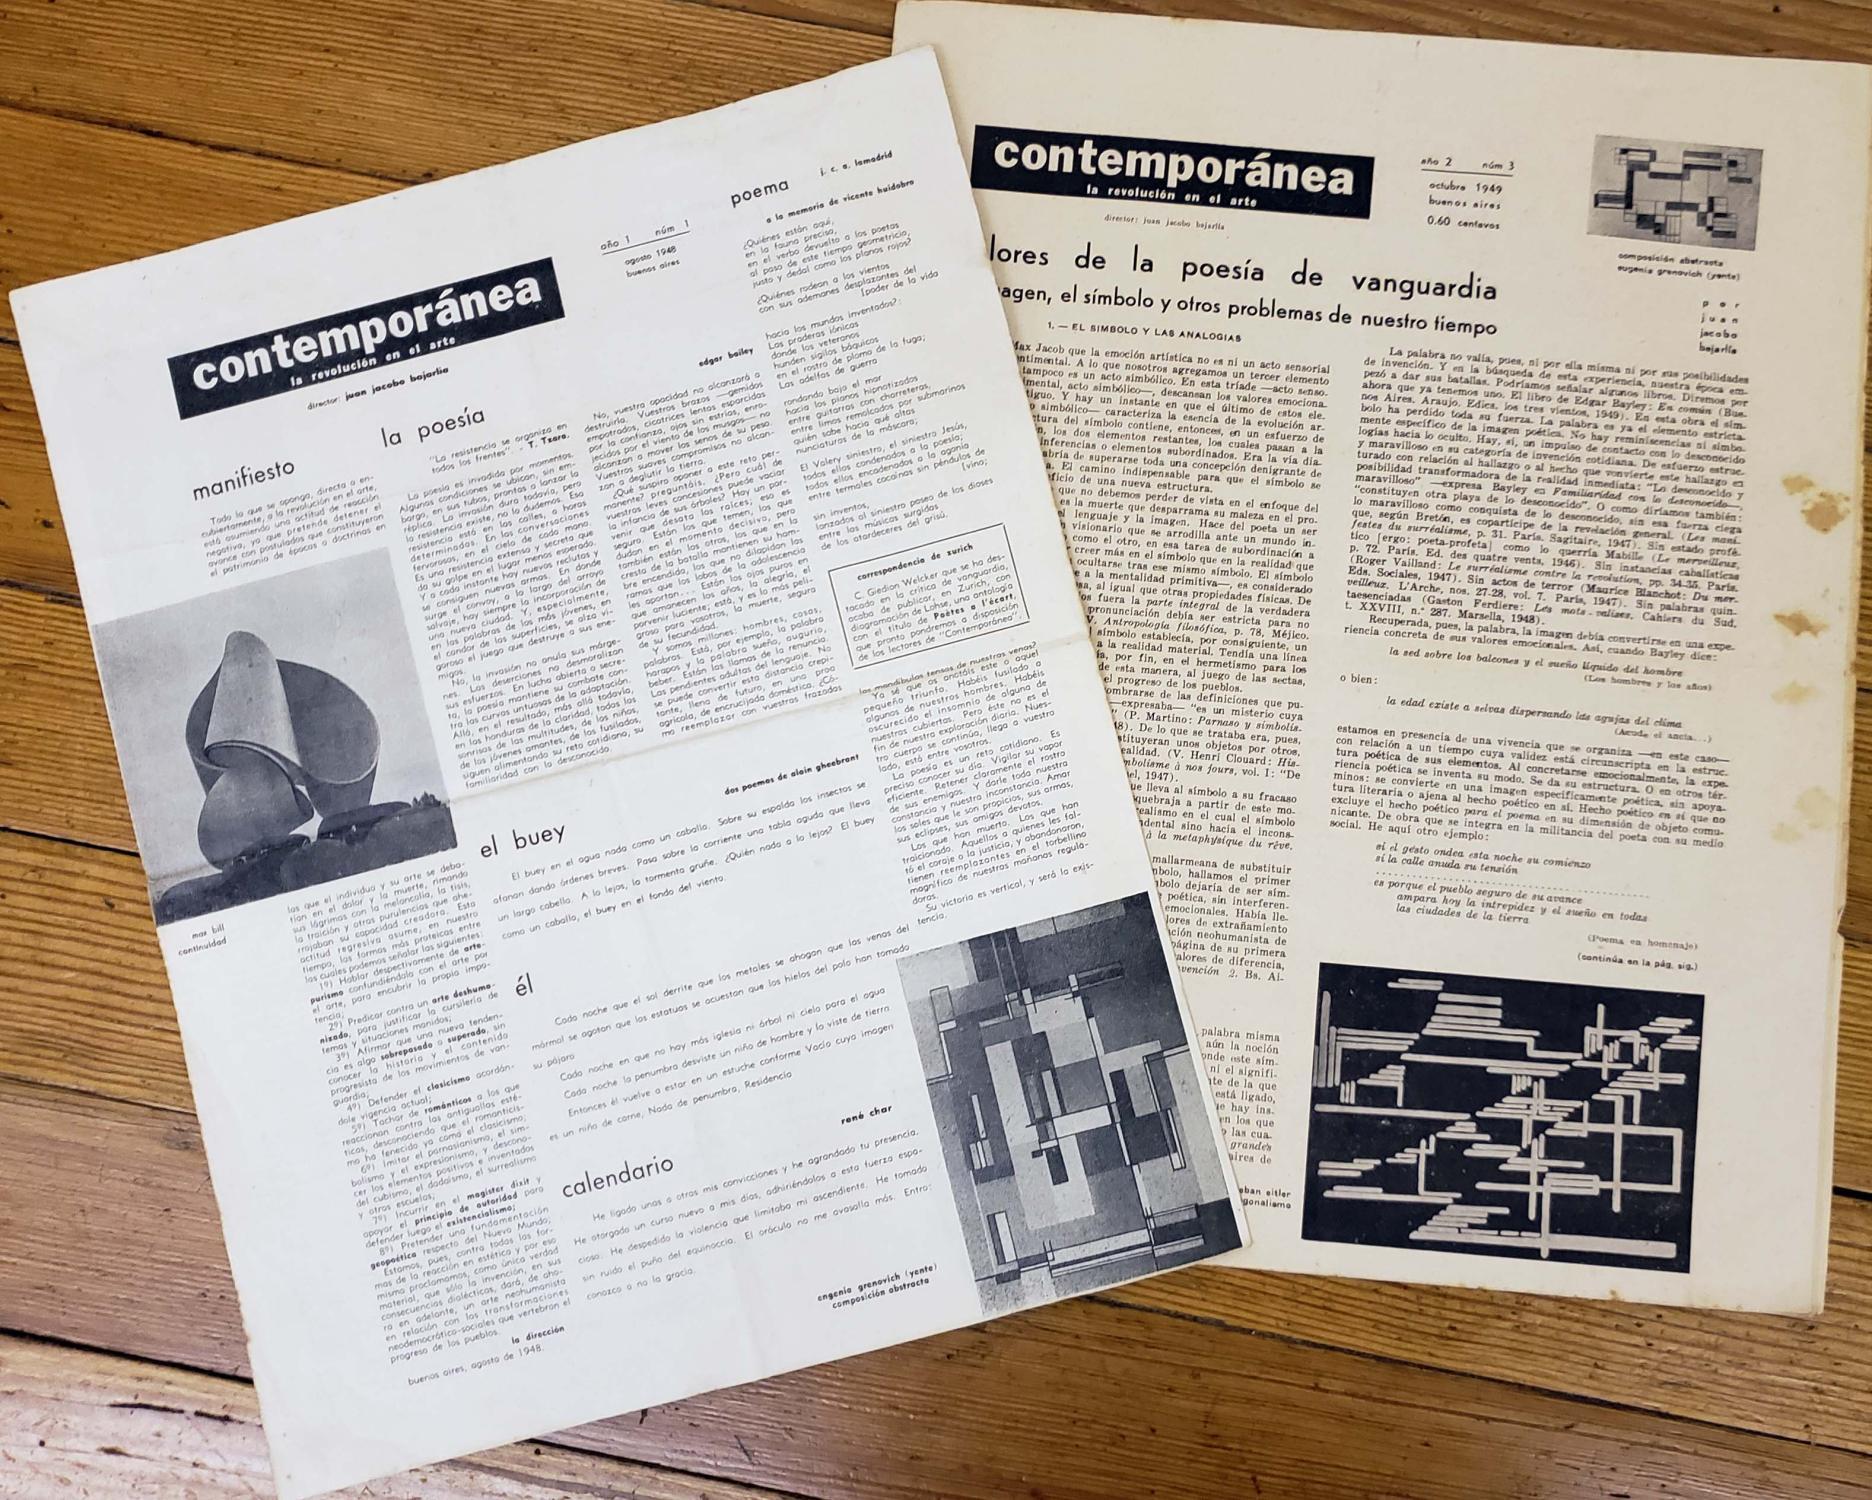 Calendario 1949.Contemporanea La Revolucion En El Arte